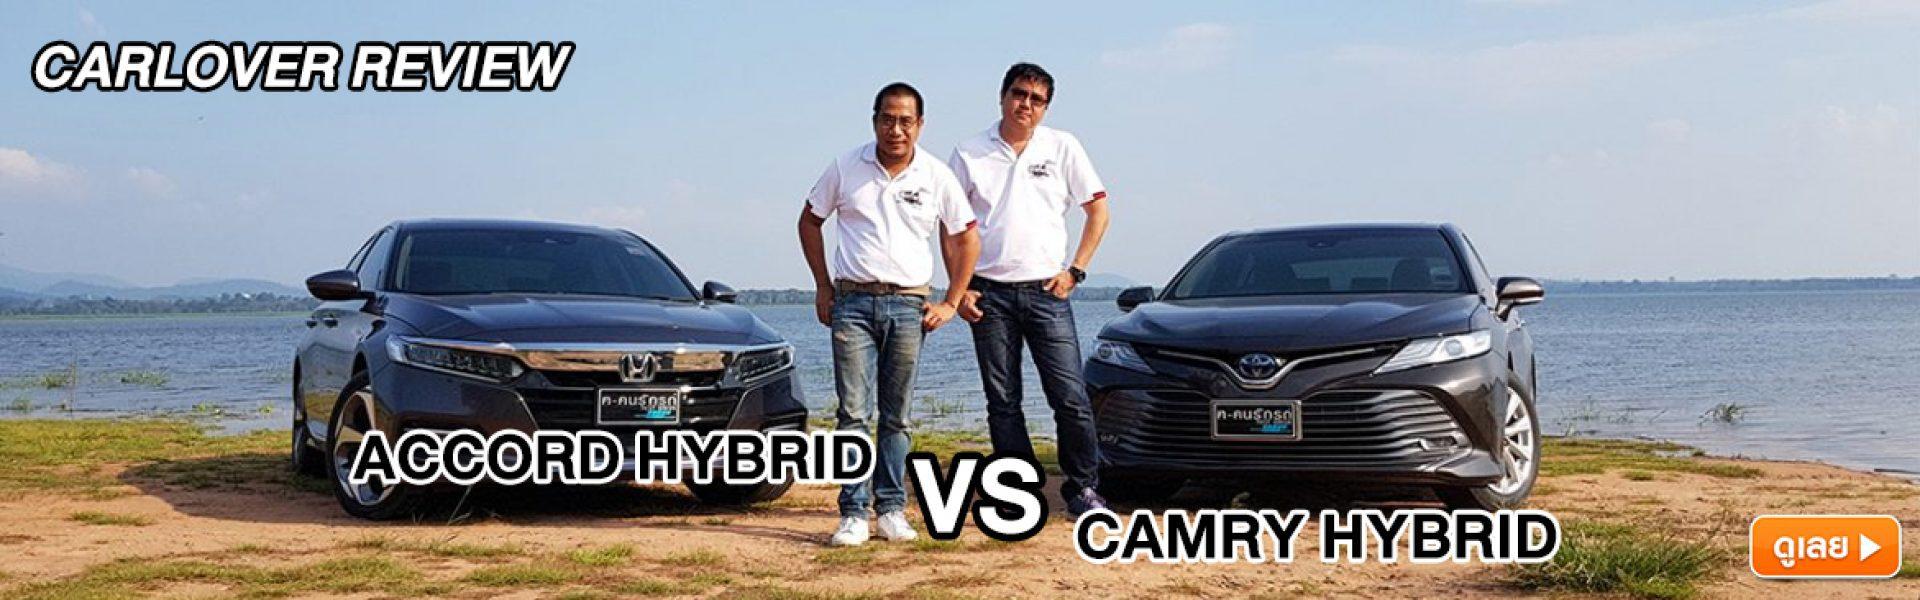 แลกหมัดรถไฮบริด Camry Hybrid Vs Accord Hybrid Ep.1